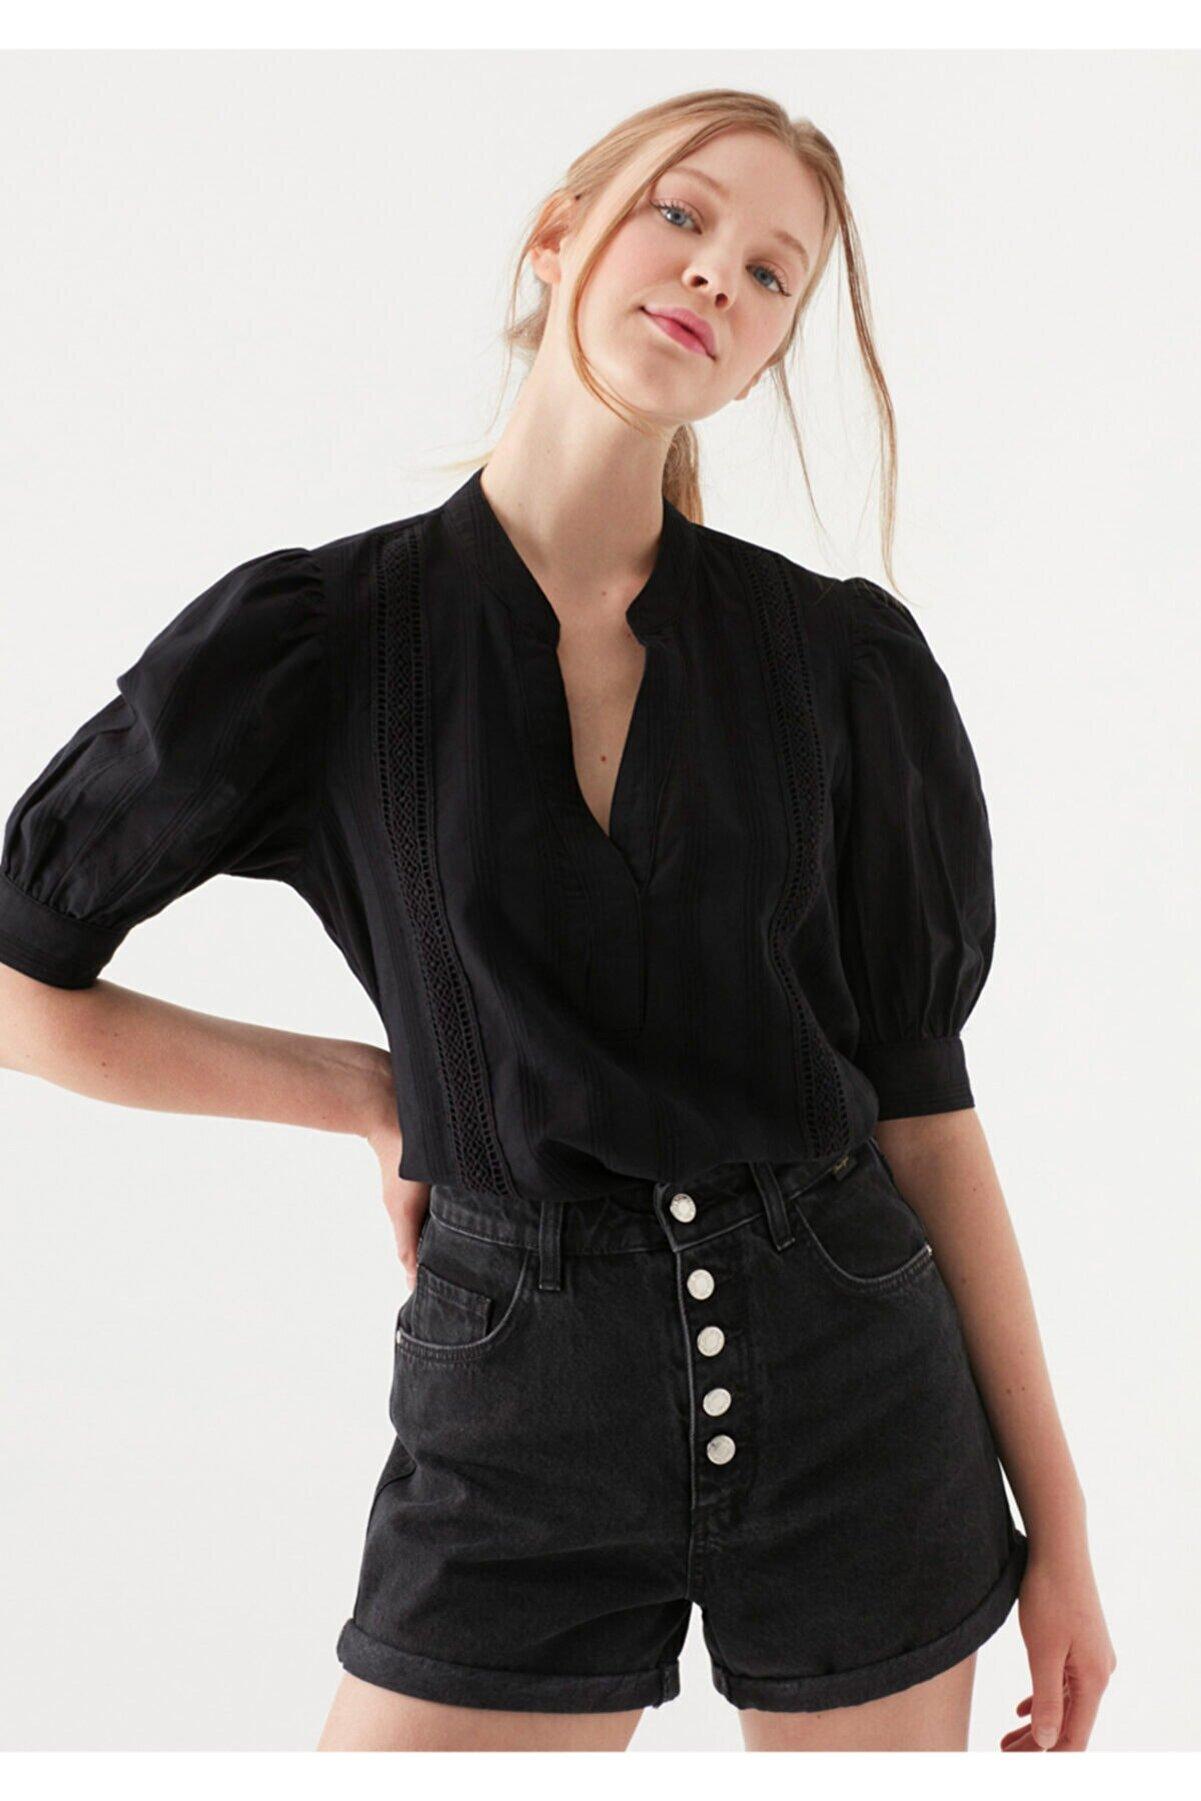 Mavi Dantel Detaylı Siyah Bluz 122807-900